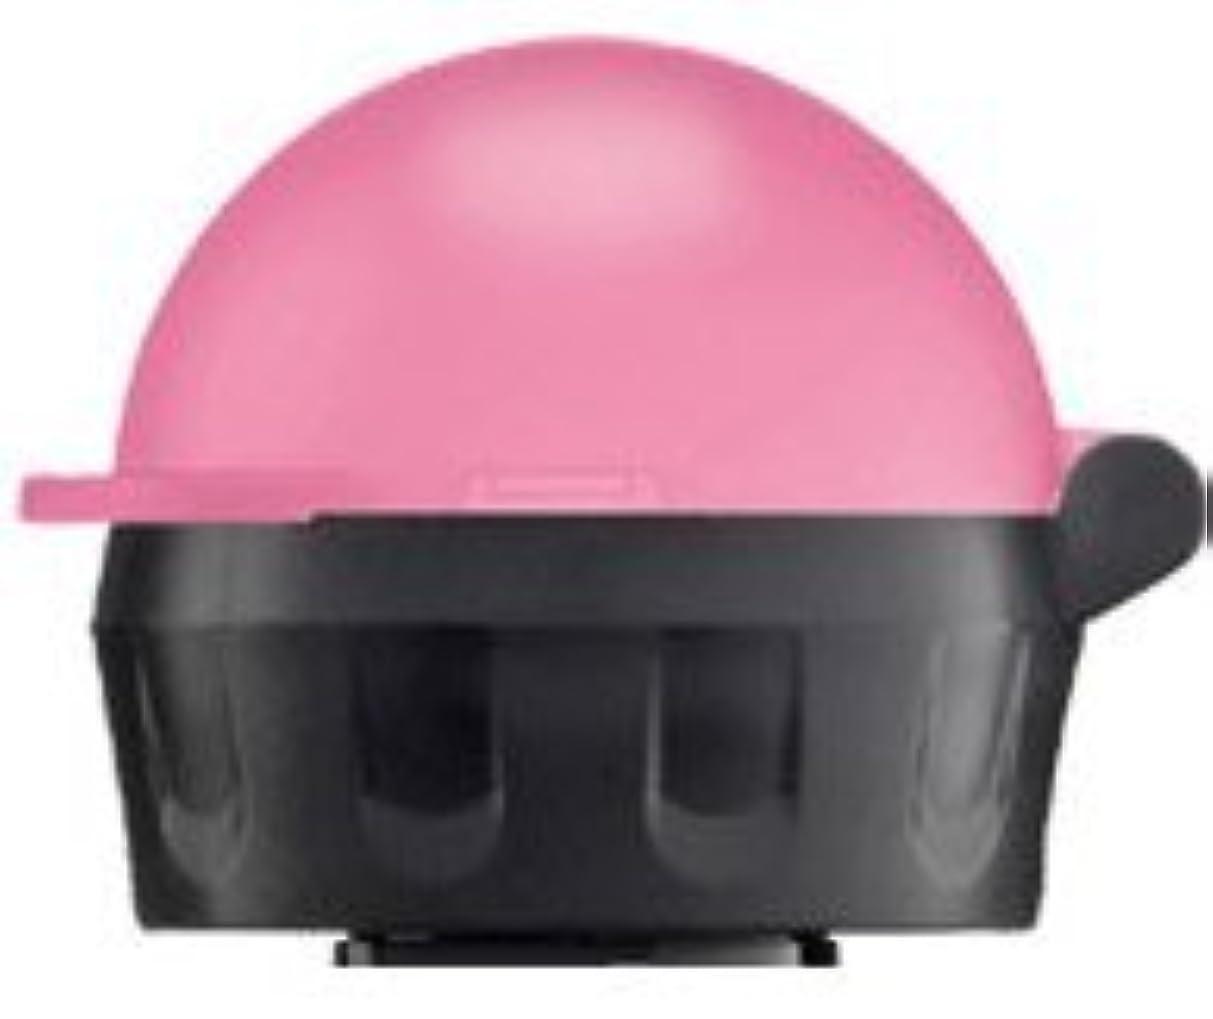 アーサーコナンドイル不機嫌音節SIGG(シグボトル) ニューキッズキャップ 全8色 (ピンク)